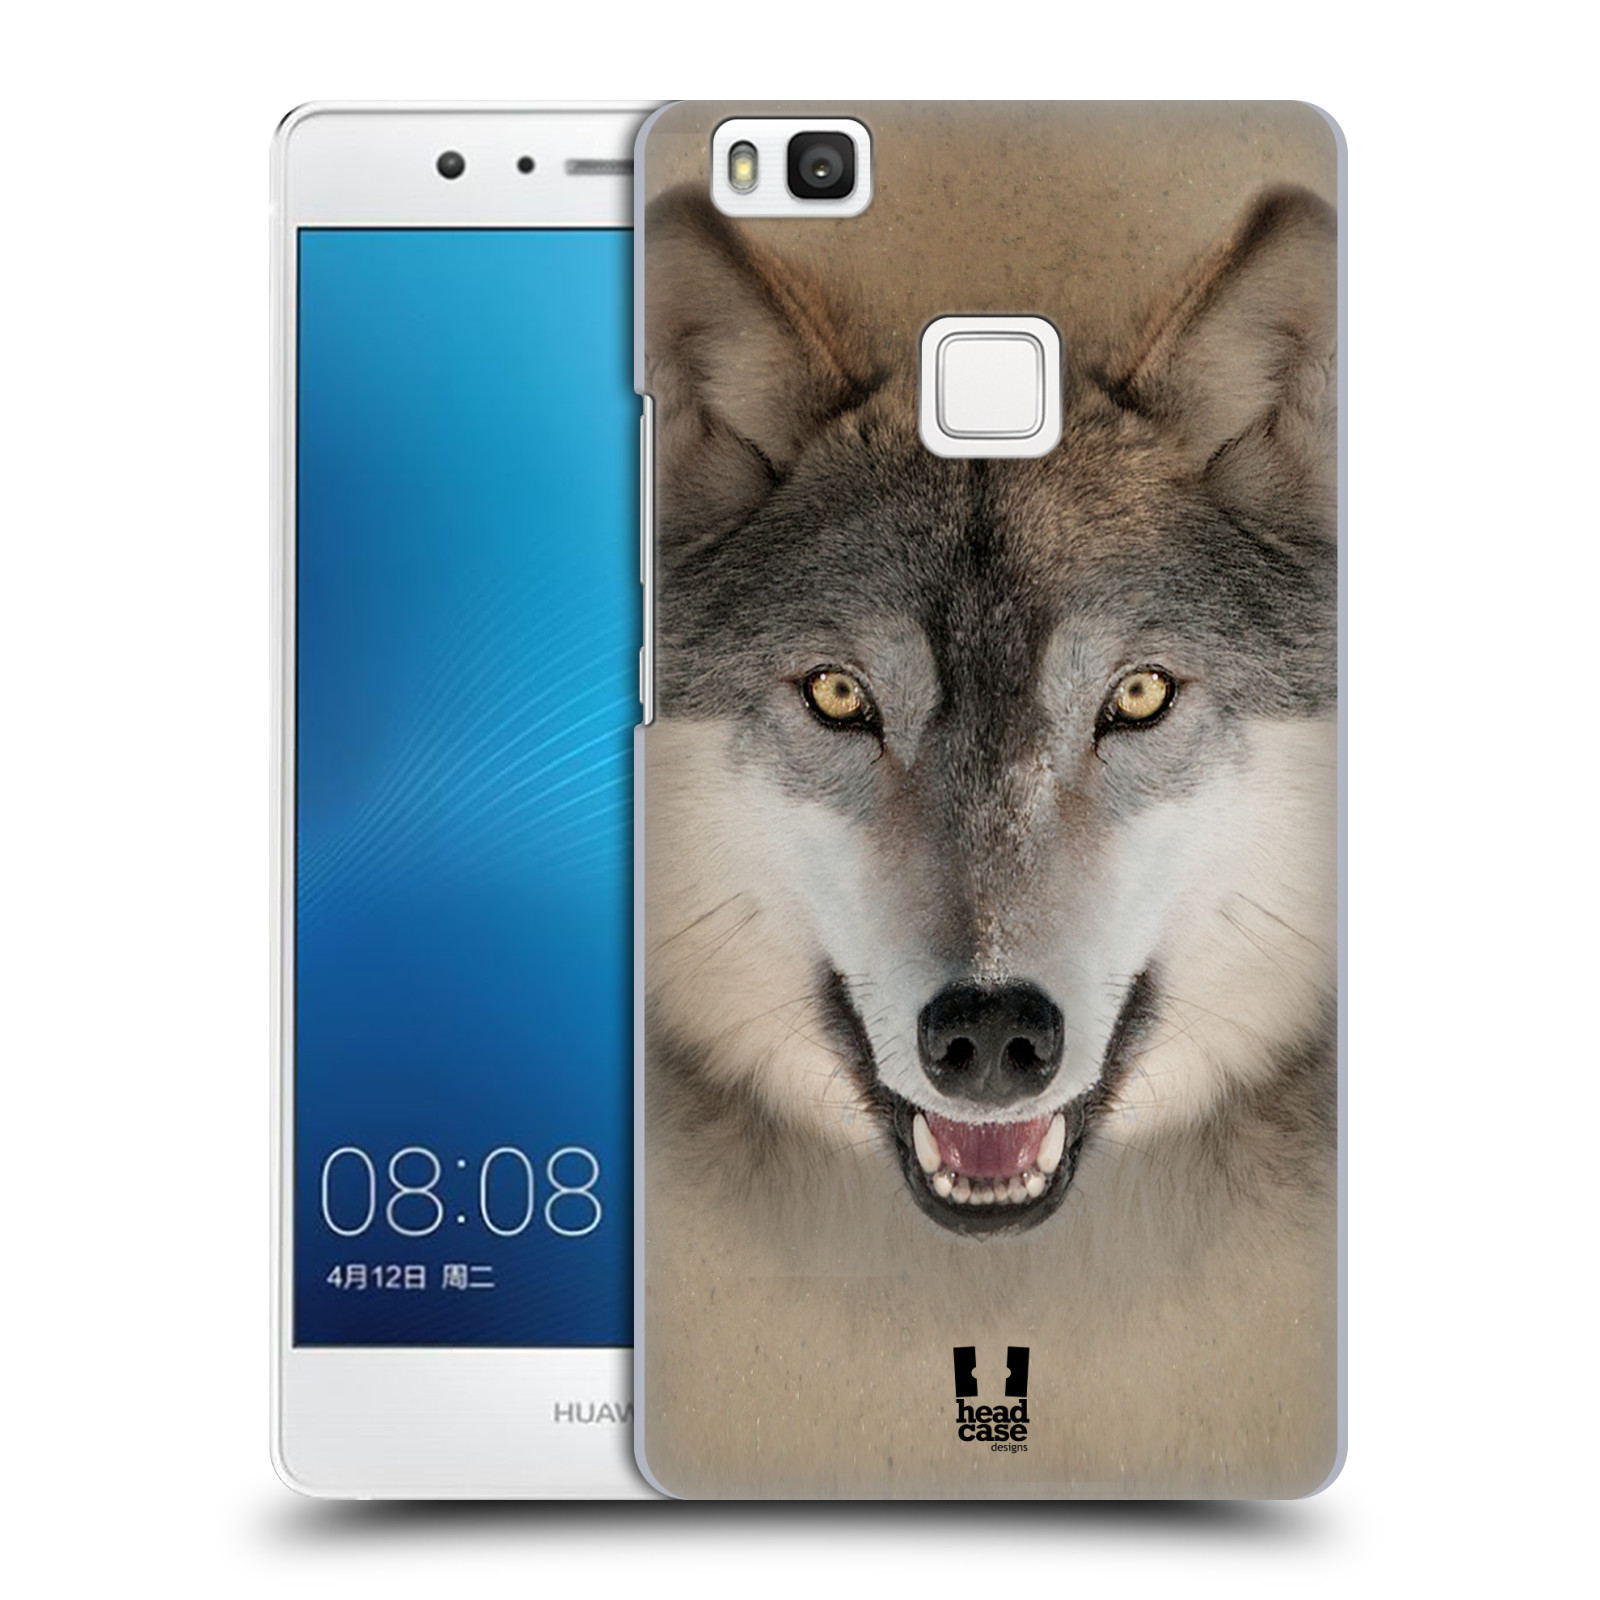 HEAD CASE plastový obal na mobil Huawei P9 LITE / P9 LITE DUAL SIM vzor Zvířecí tváře 2 vlk šedý